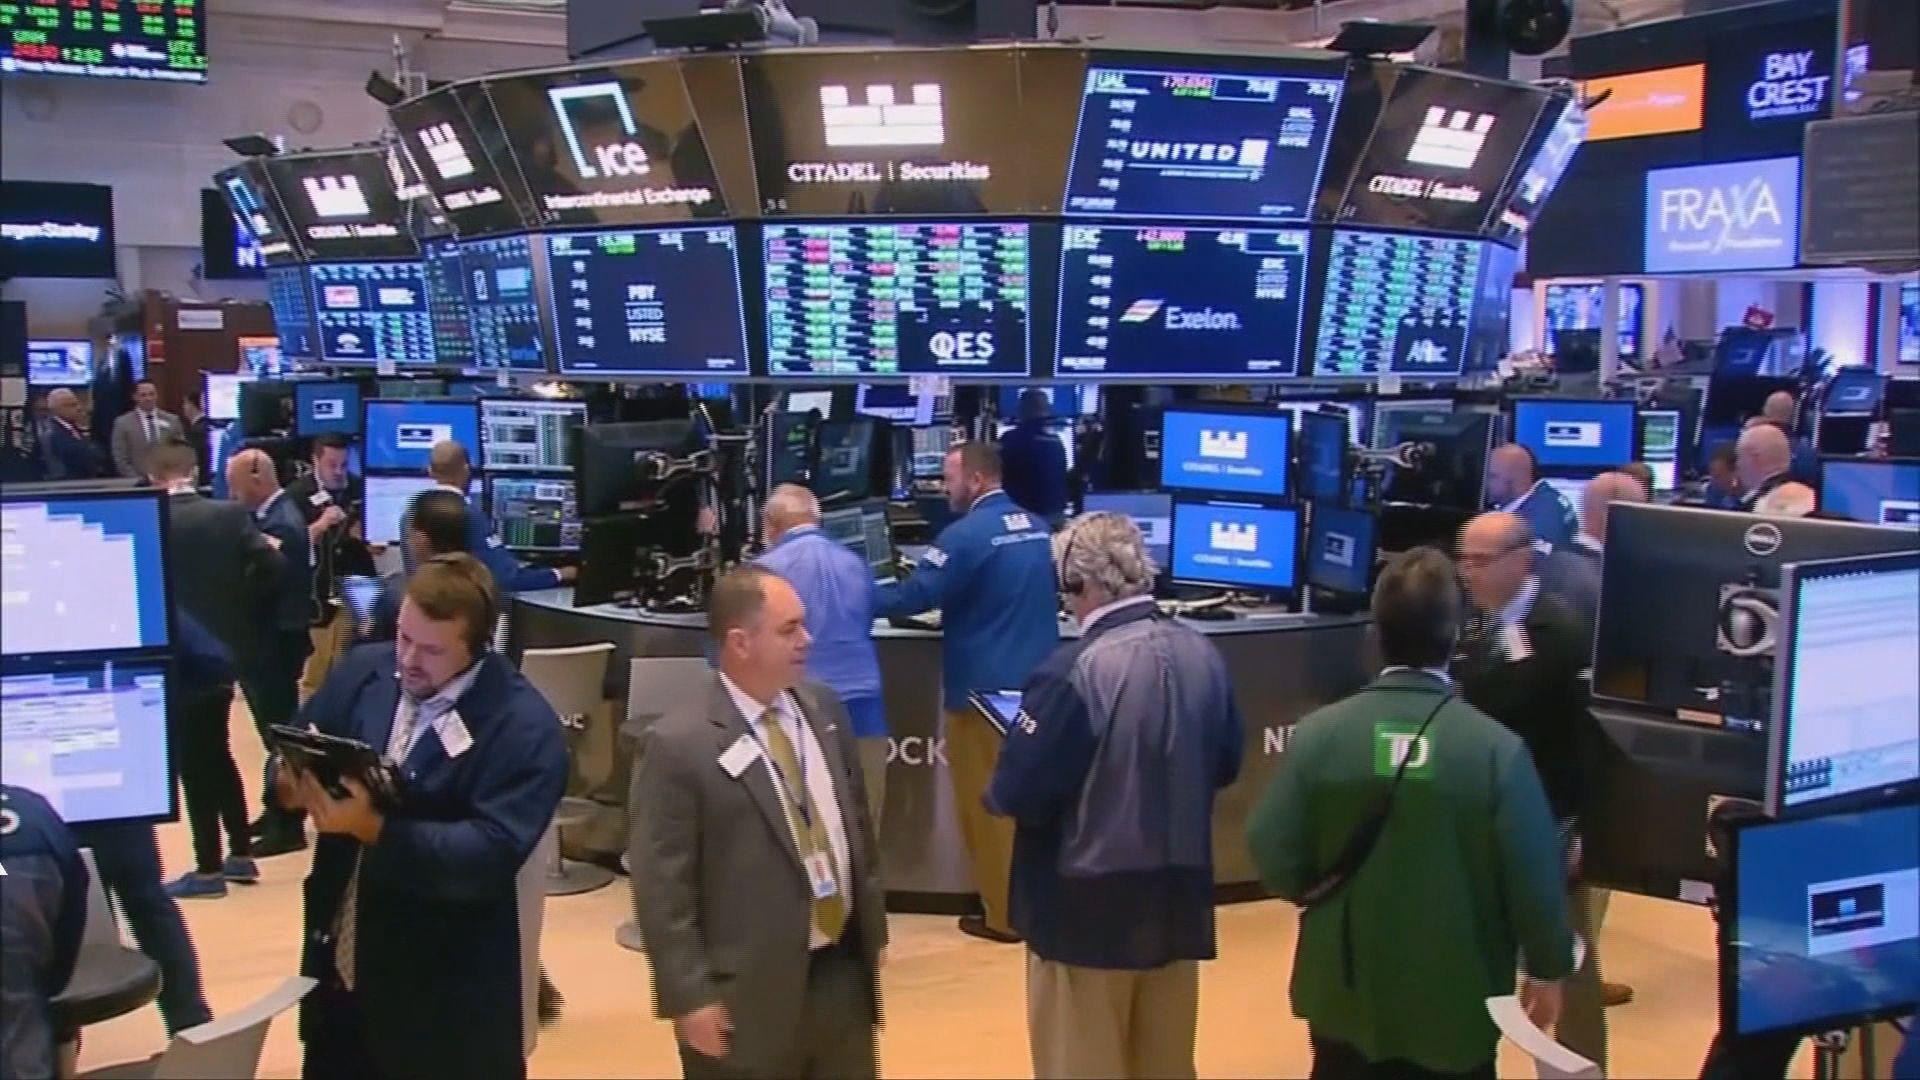 華爾街股市連升4天